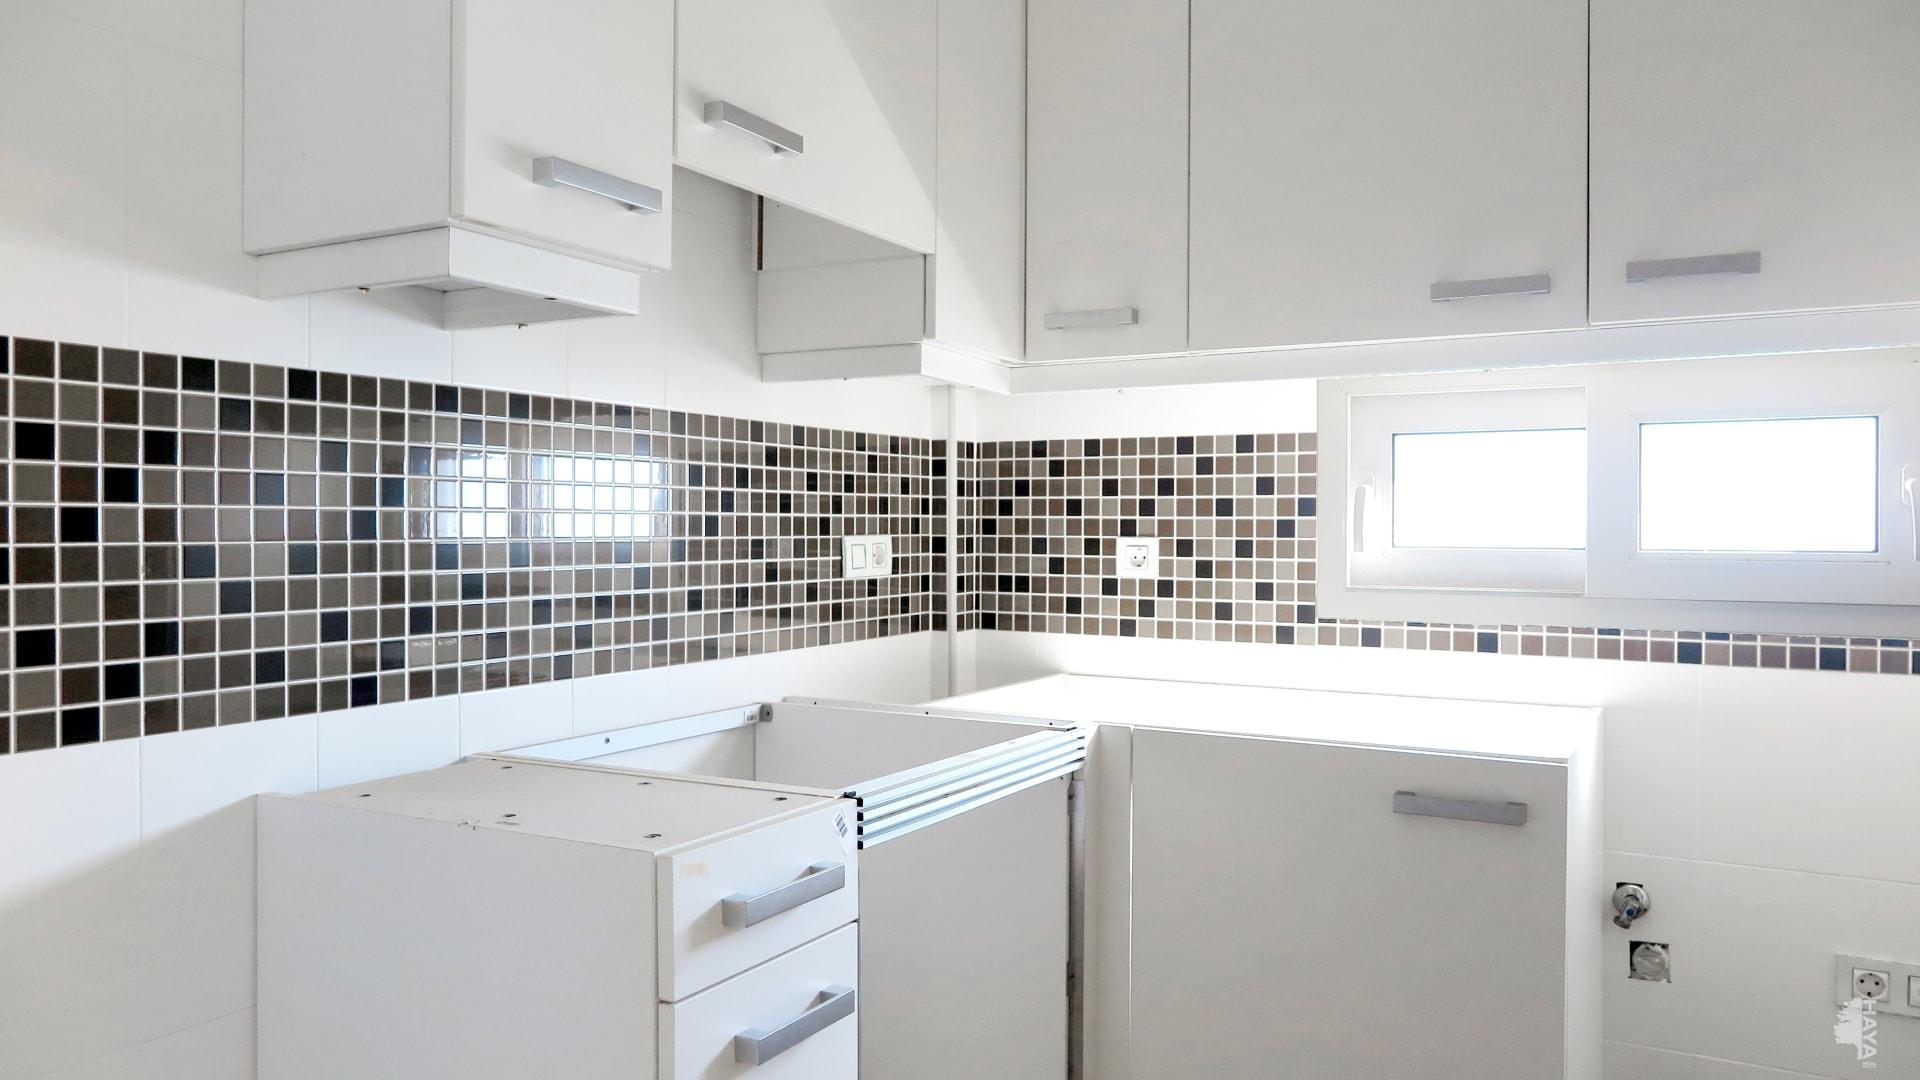 Piso en venta en Piso en San Javier, Murcia, 125.000 €, 2 habitaciones, 2 baños, 60 m2, Garaje